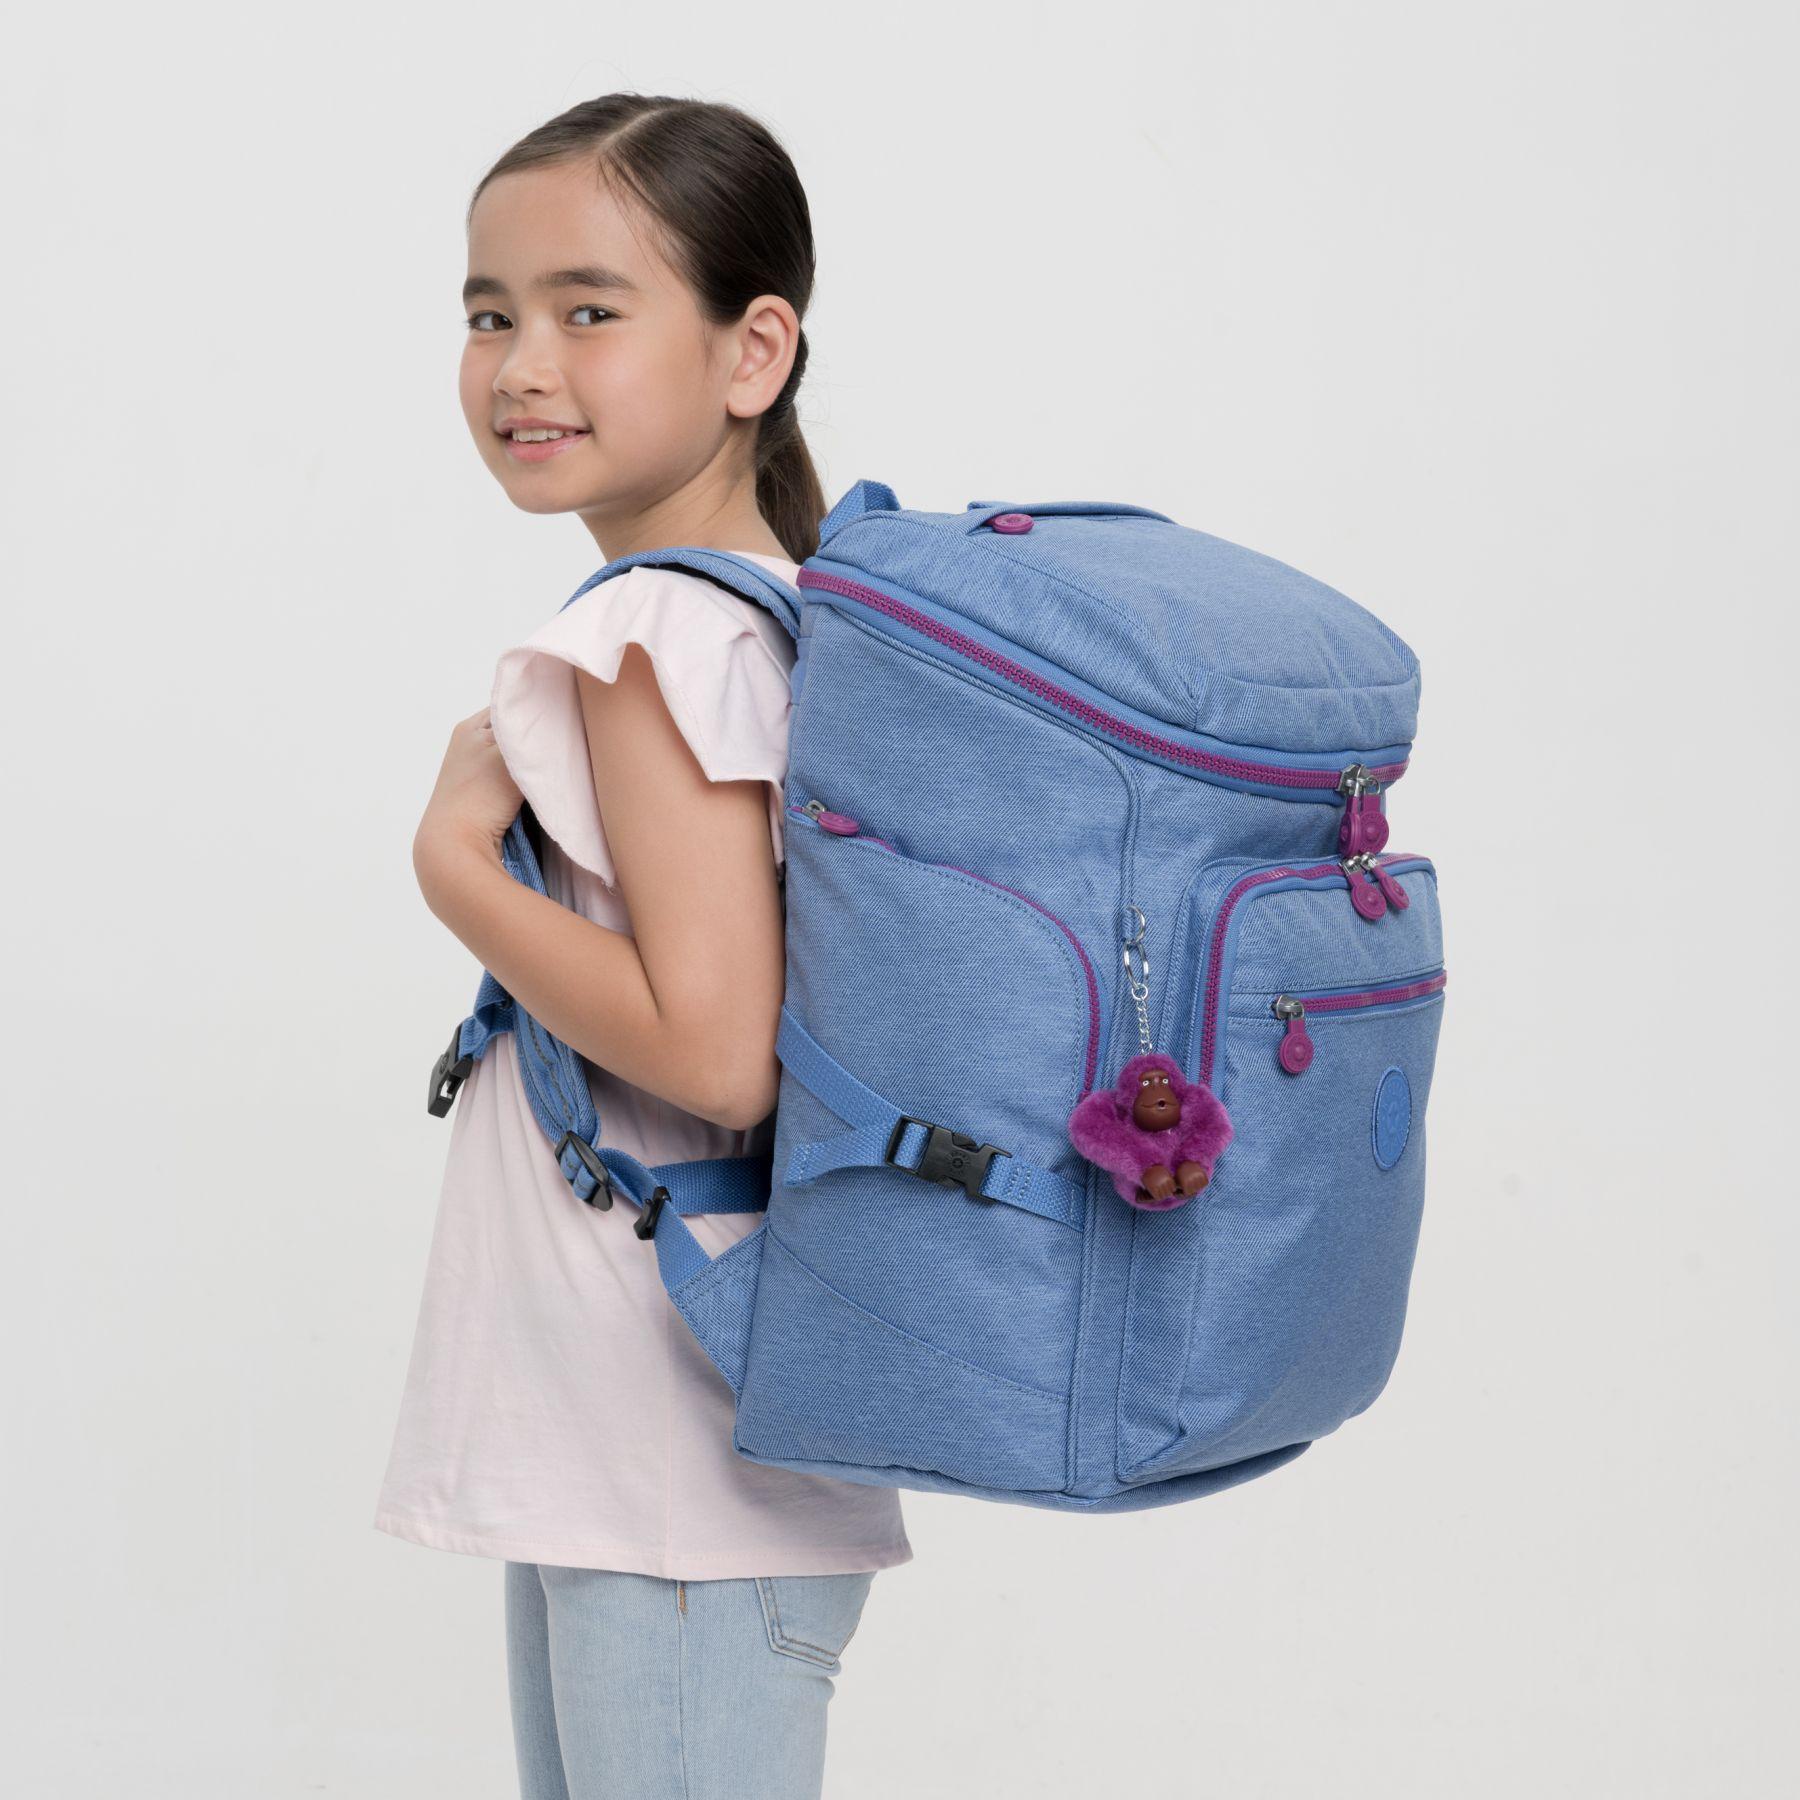 UPGRADE SCHOOL BAGS by Kipling